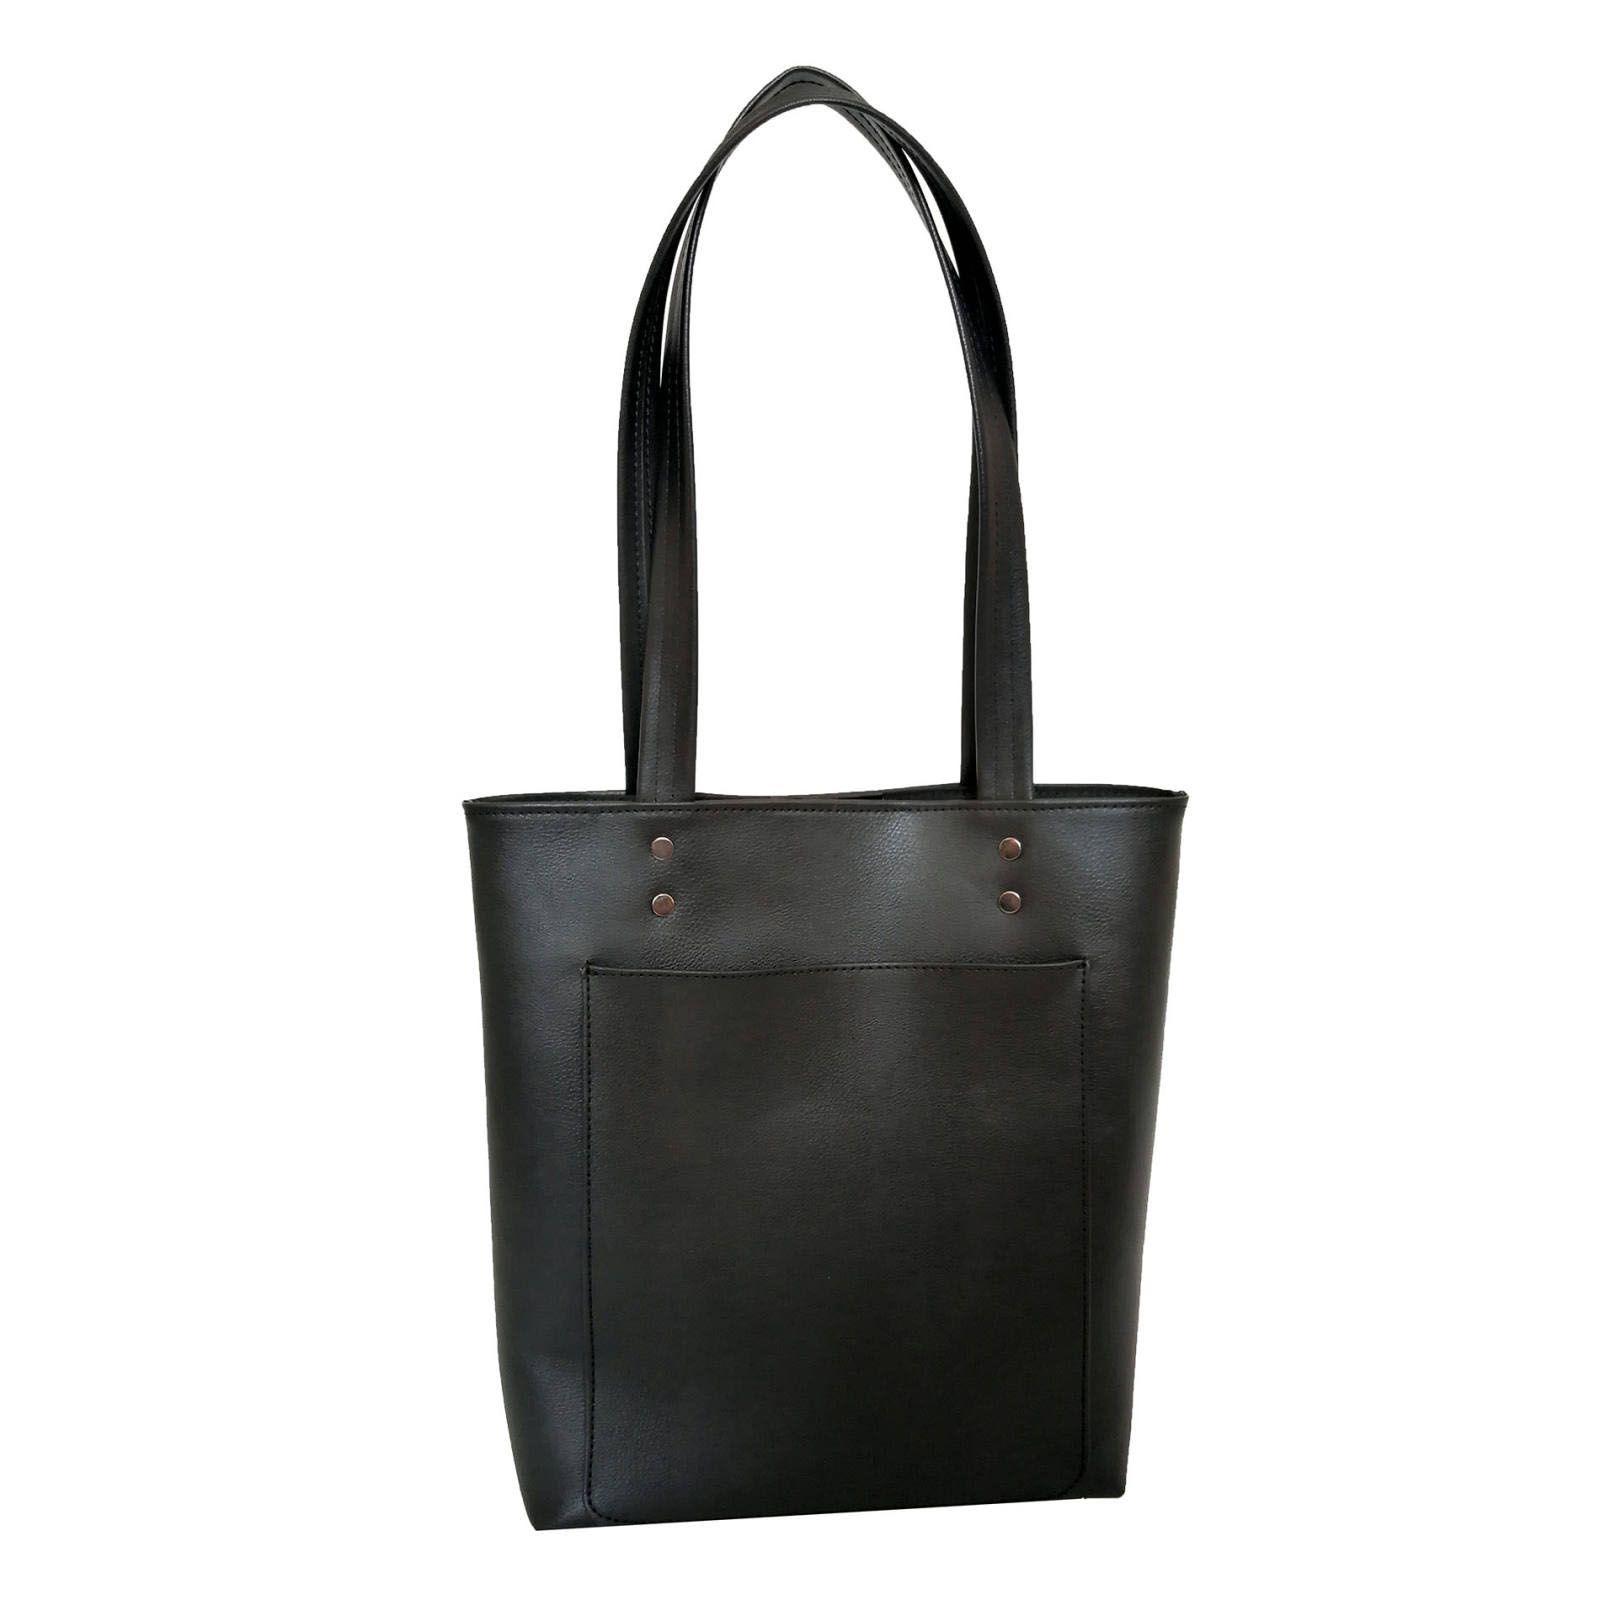 کیف رو دوشی زنانه مدل G710 -  - 5